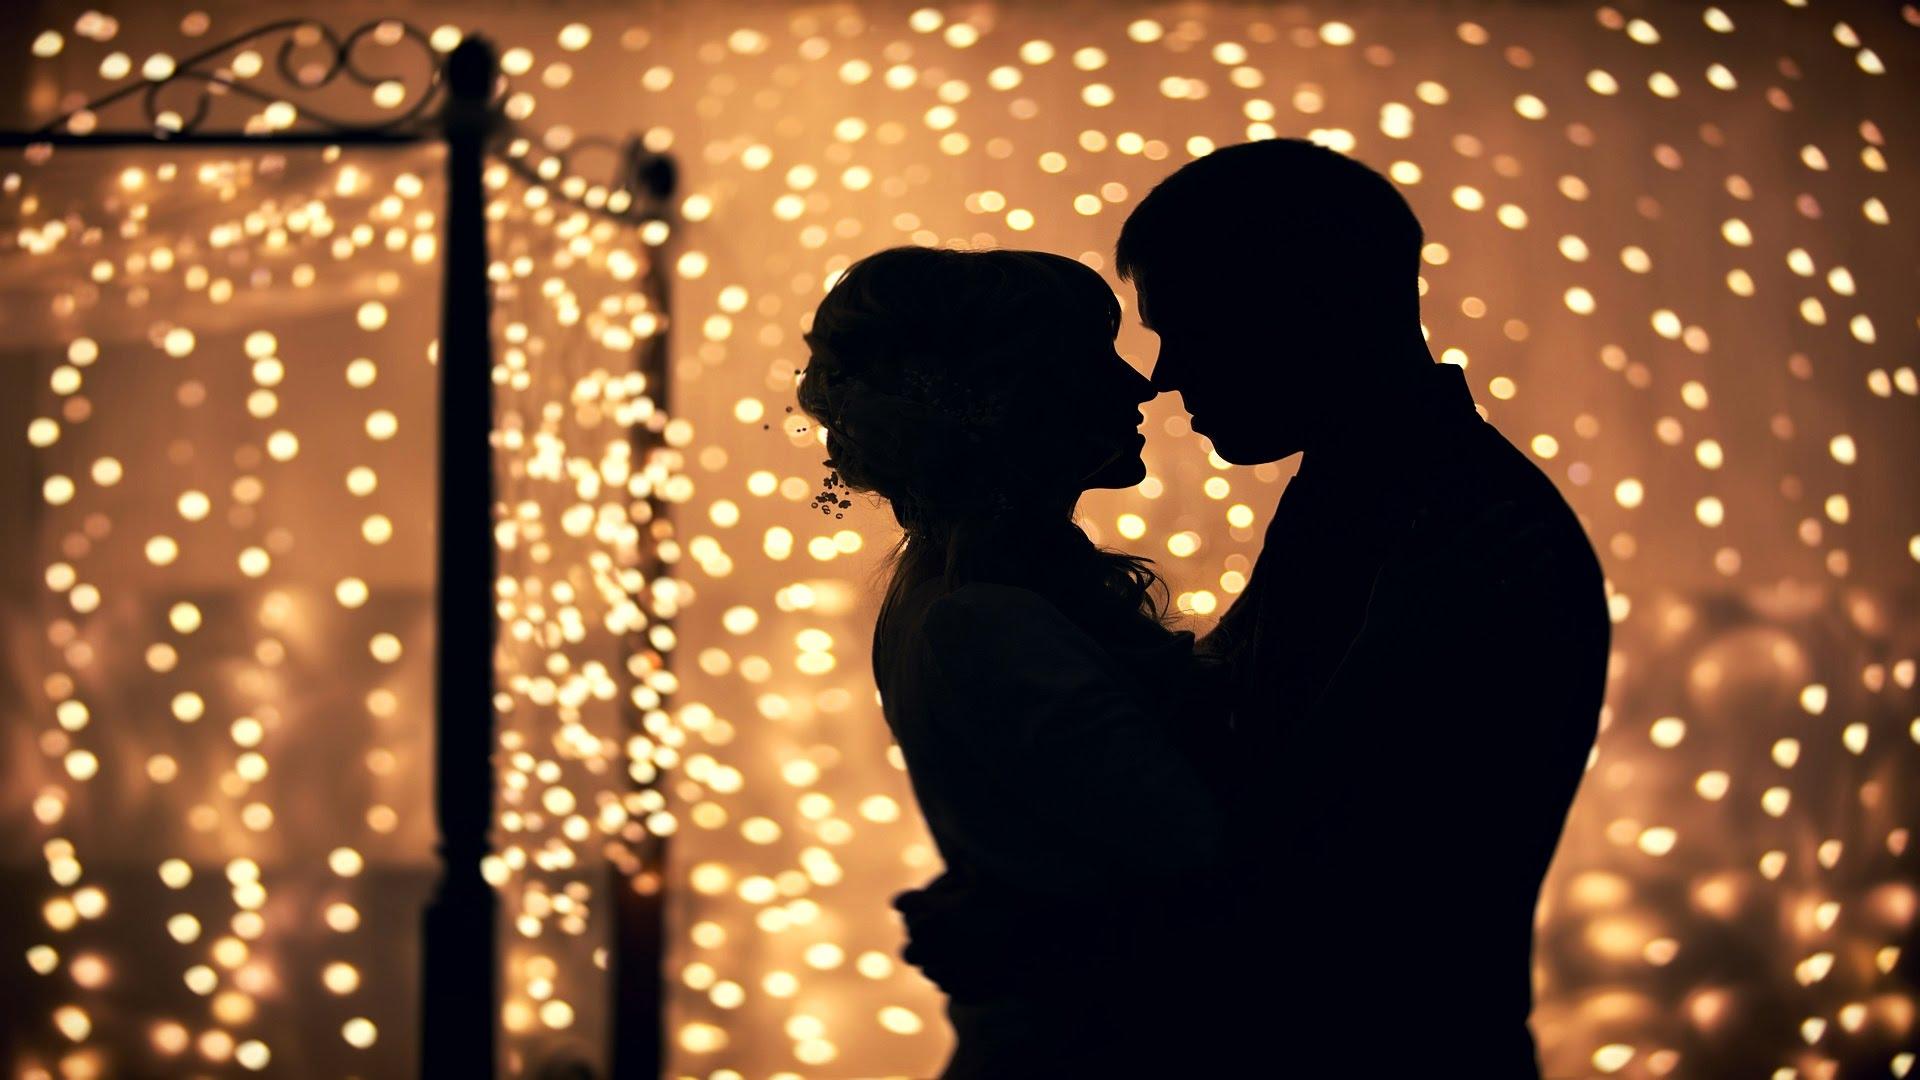 صورة صور حب عشق , من اجمل صور الحب